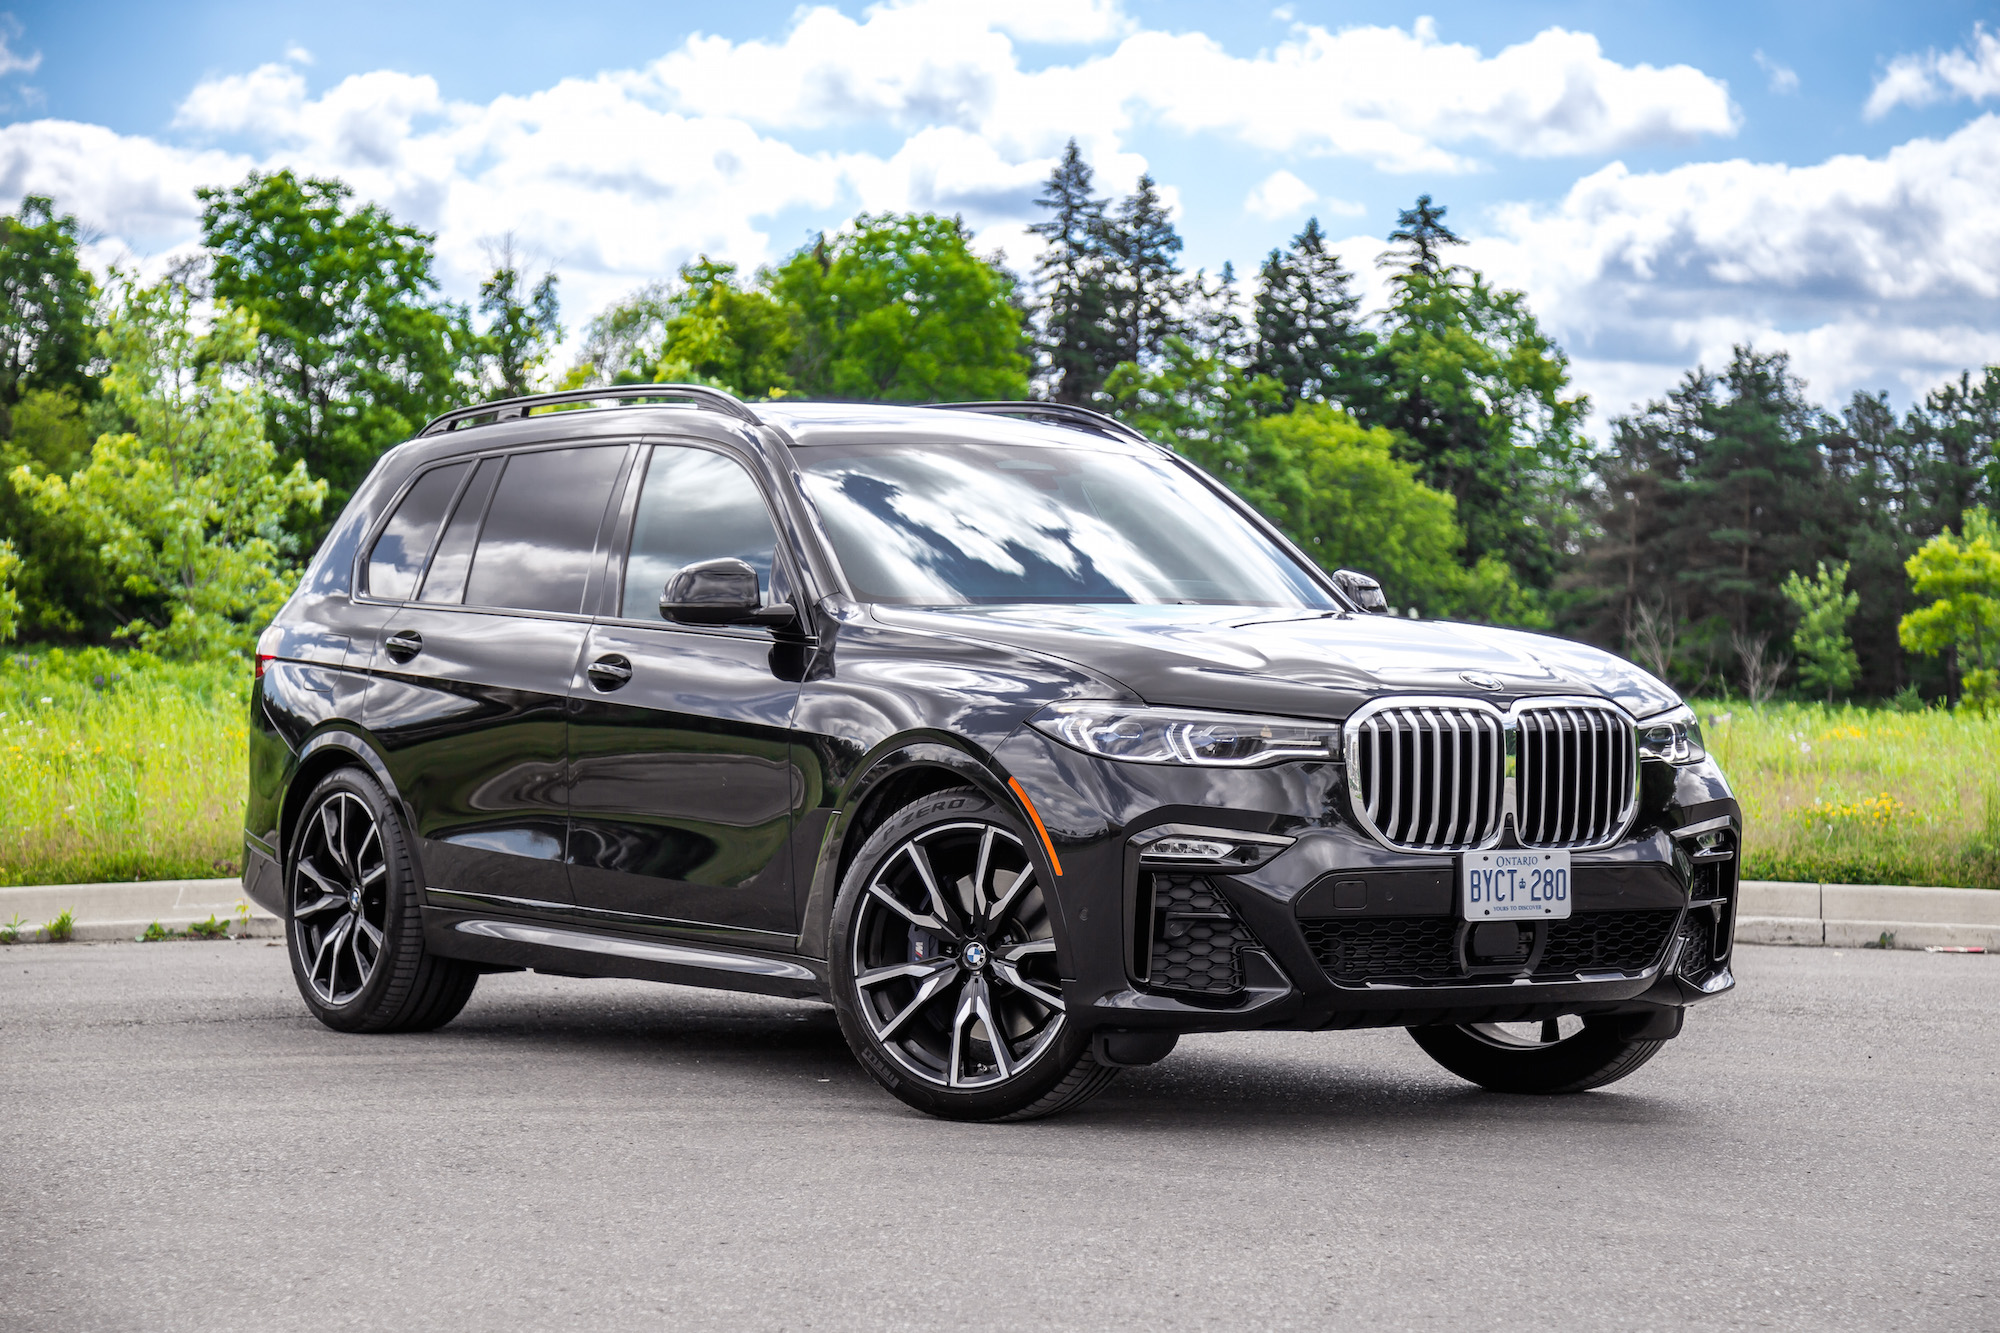 Review: 2019 BMW X7 XDrive40i